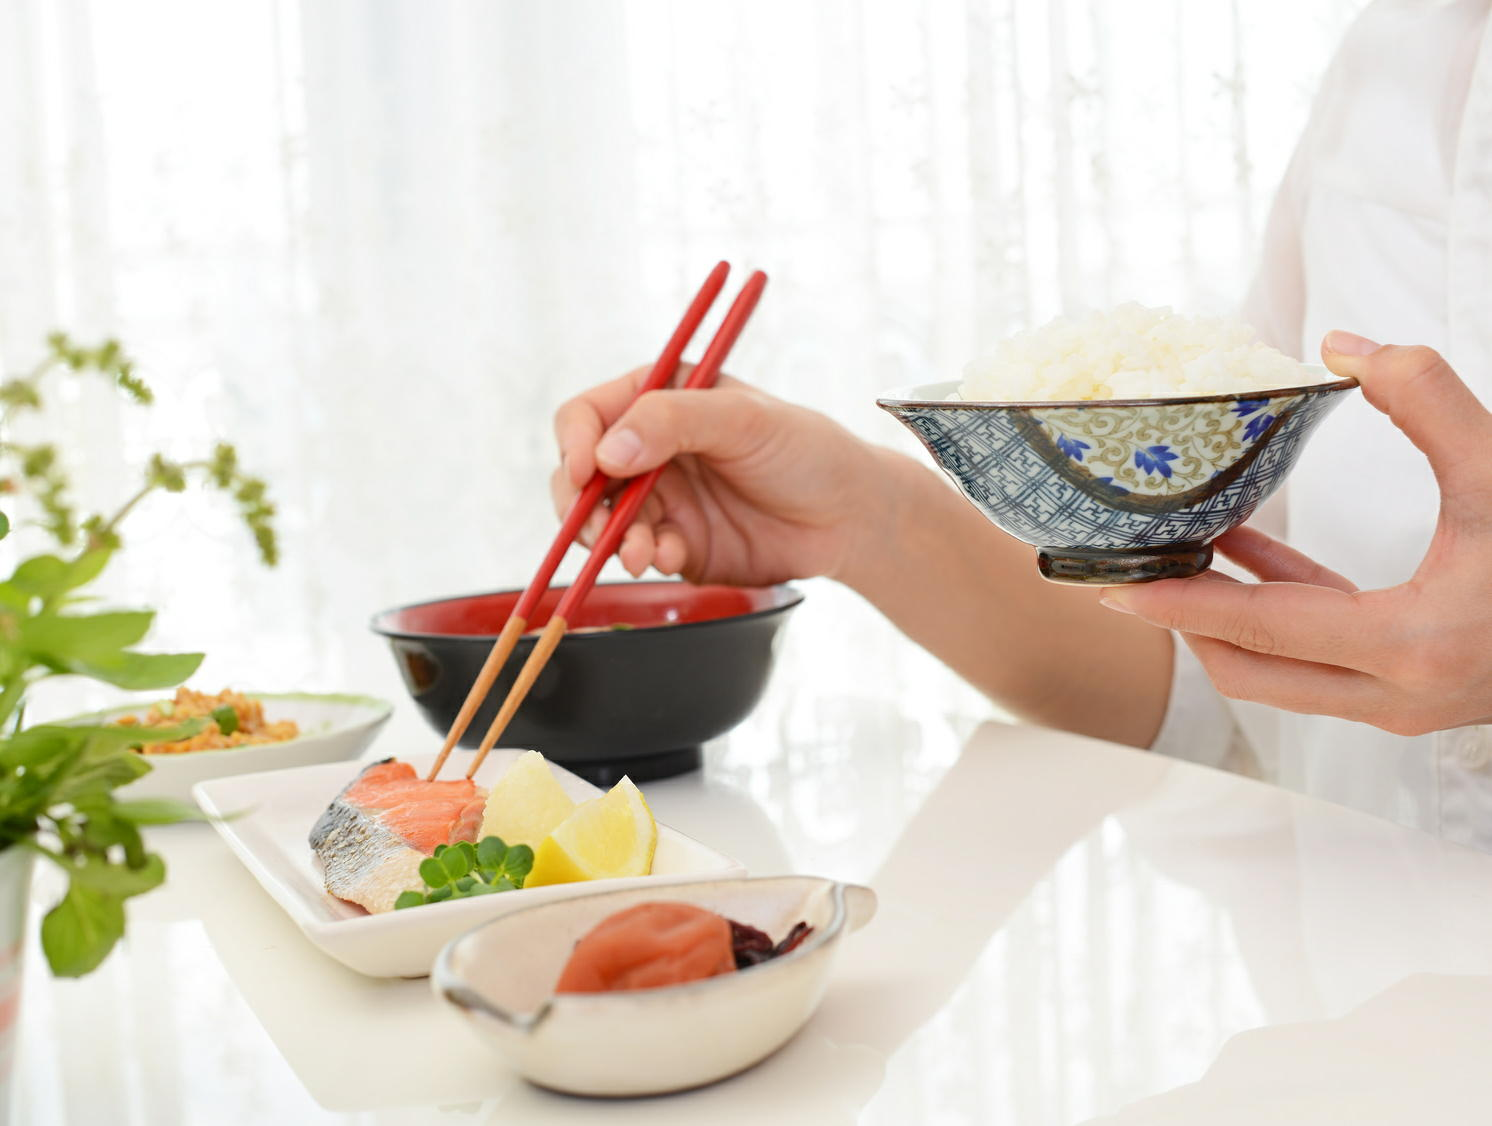 魚のDHAやEPAは朝に摂ると良い 「時間栄養学」が脂質代謝にも影響